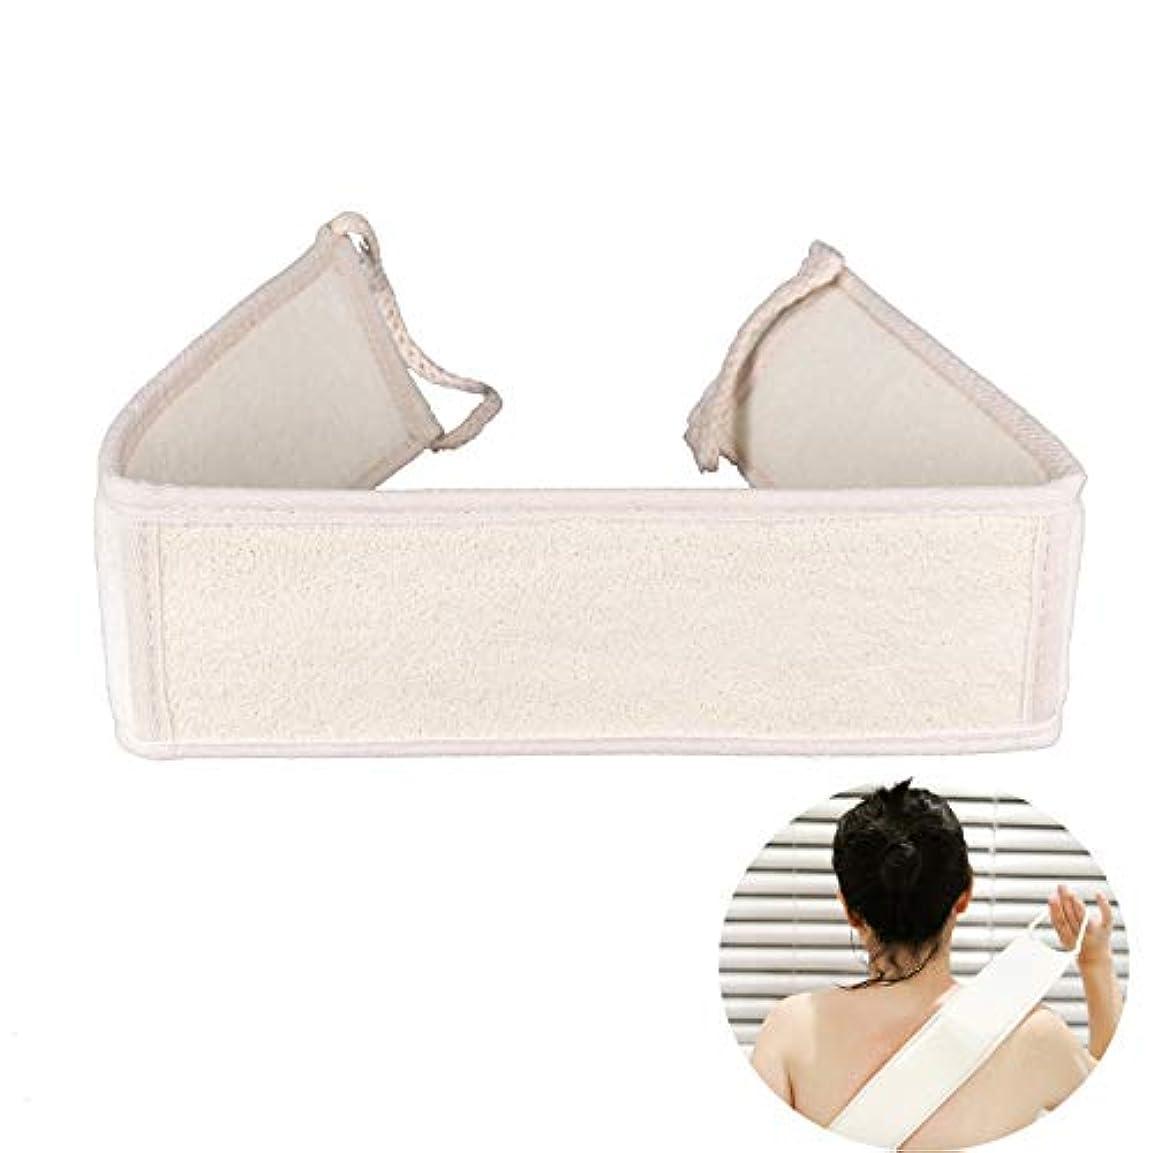 アリーナ追放するコンパスボディブラシ ロング 背中洗い ナチュラルエクスフォリエーションルーファバックシャワースクラバー、ディープクリーン&エクスフォリエーション、肌の爽快感、健康と美容に良い